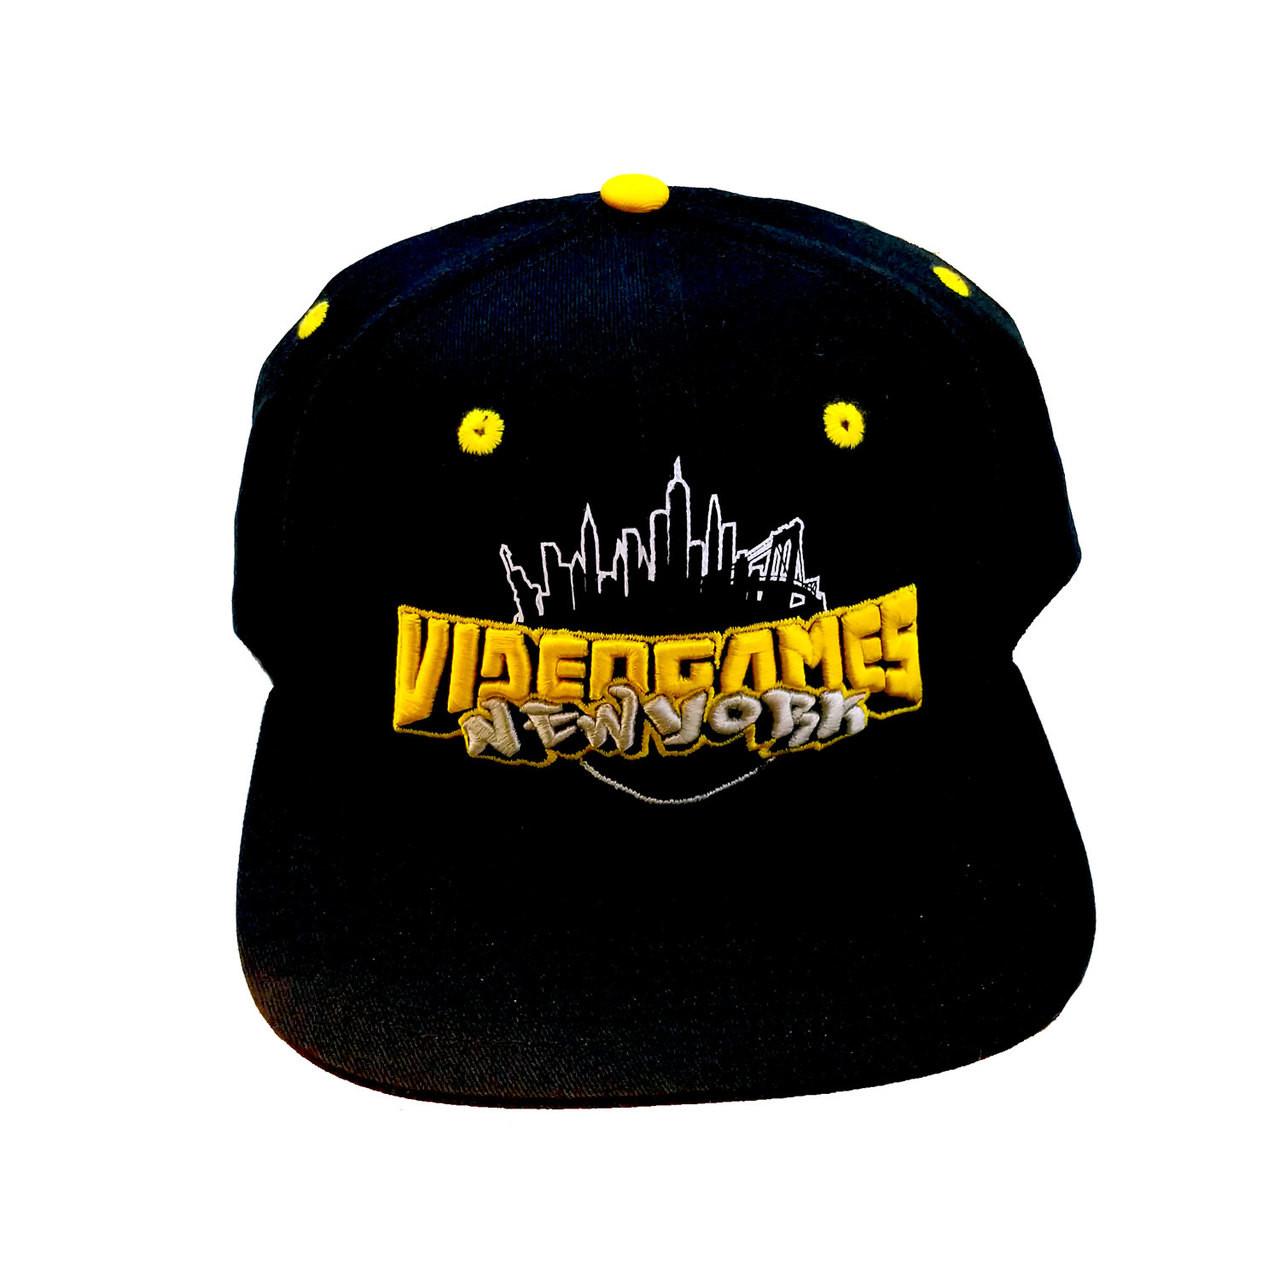 dbd7e0ae53a Videogamesnewyork Logo Hat - Videogamesnewyork